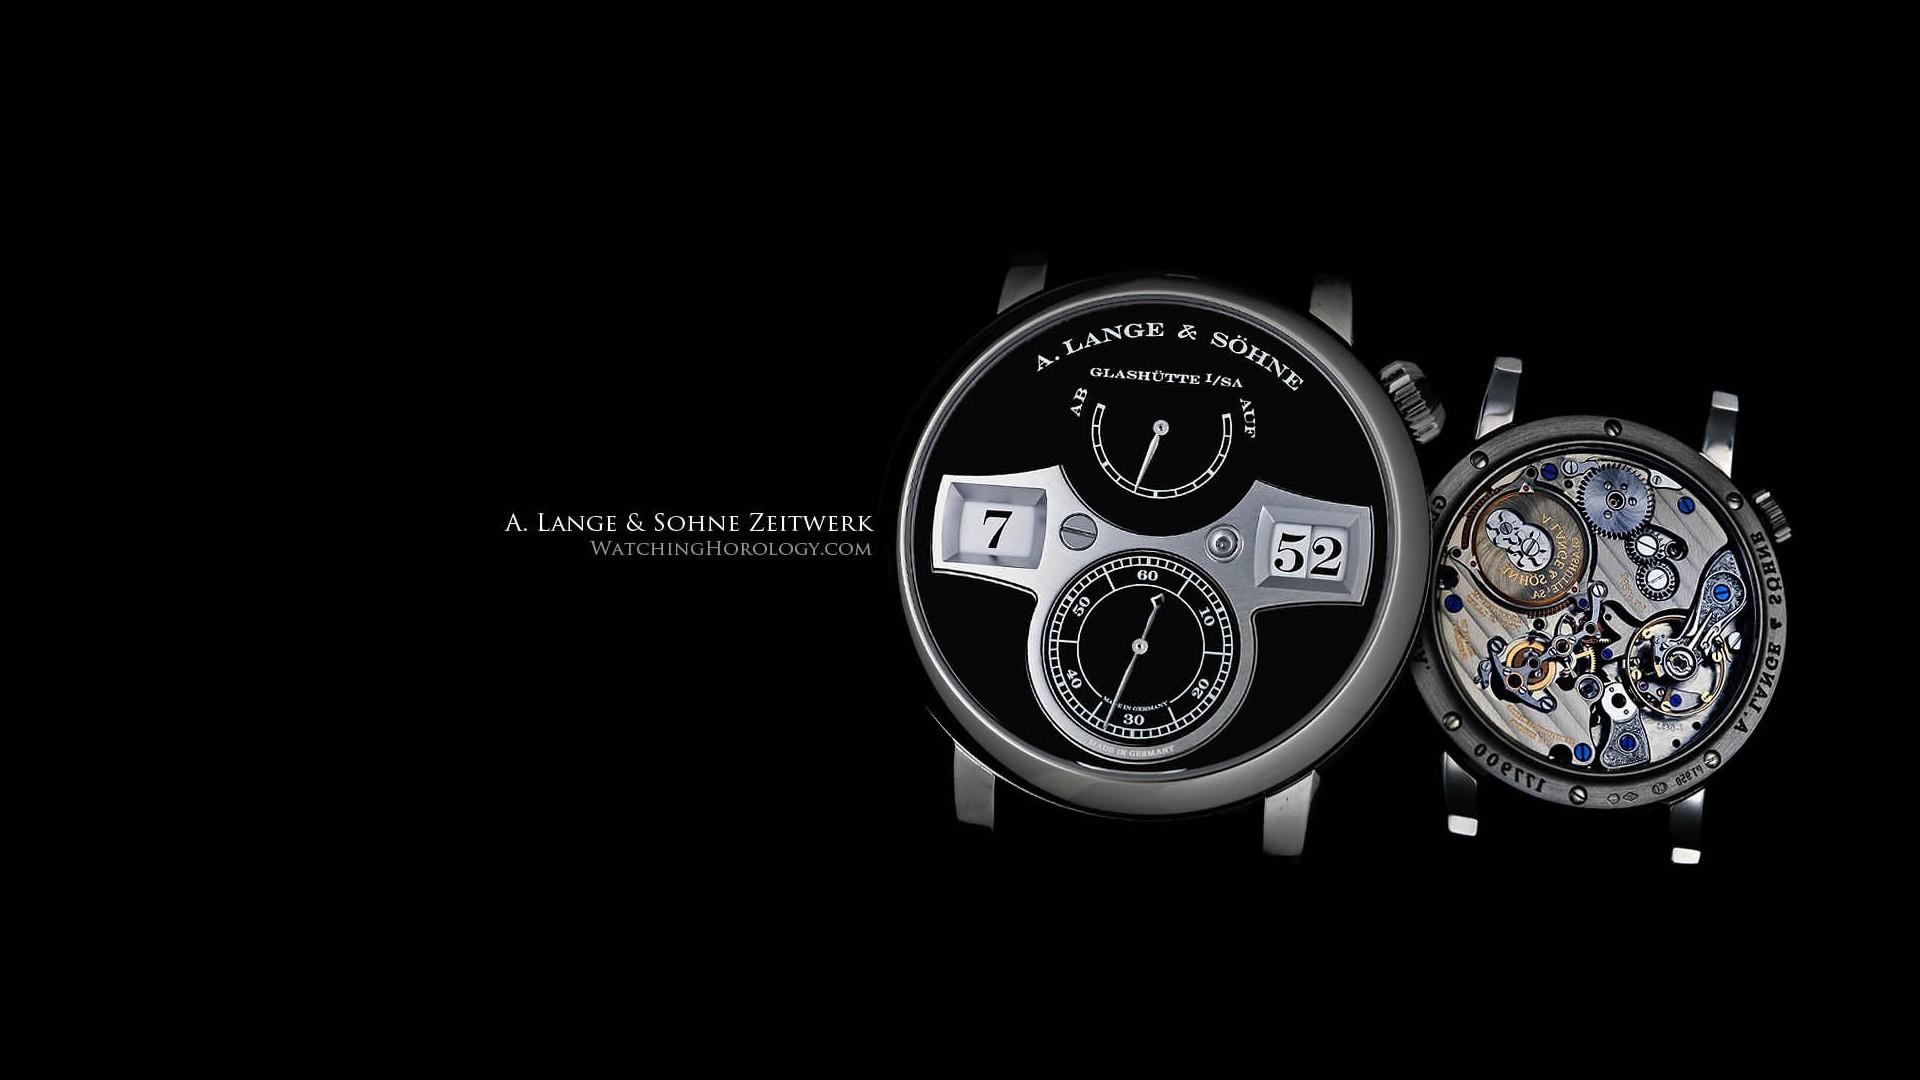 Comment Lange Sohne Zeitwerk Watch 1920x1080 HD Image Brands Ads 1920x1080